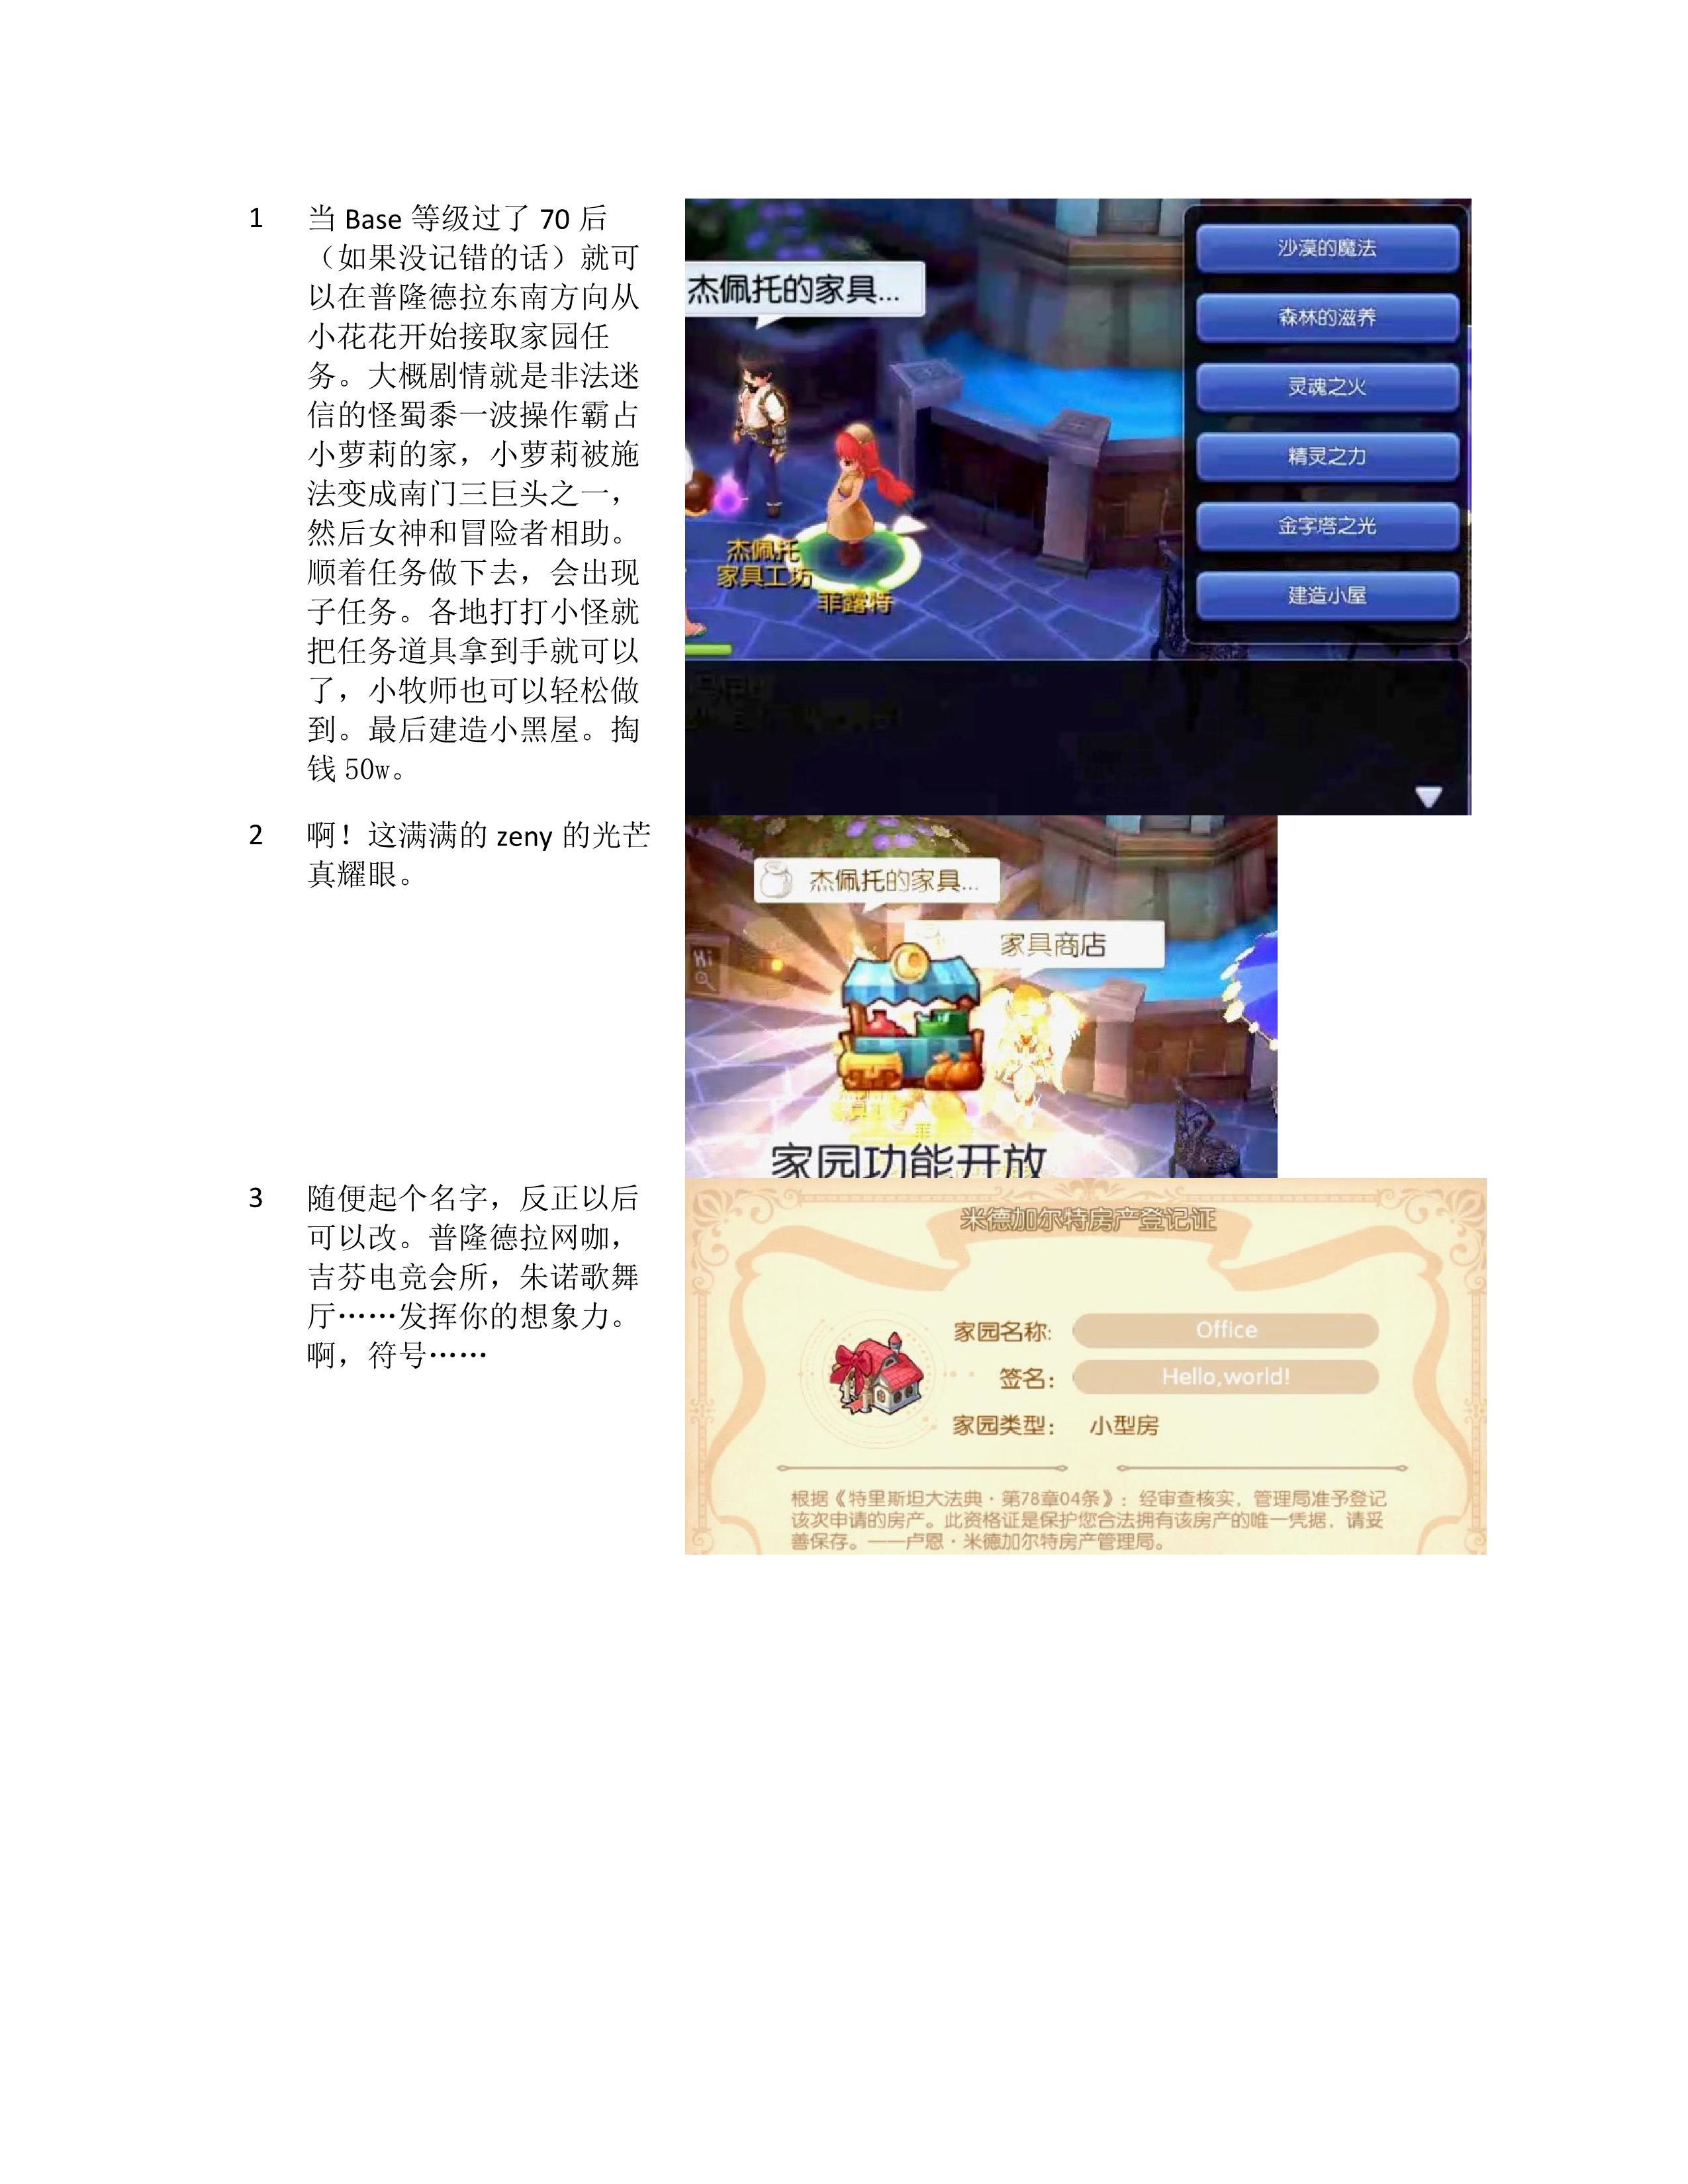 ro_2.jpg